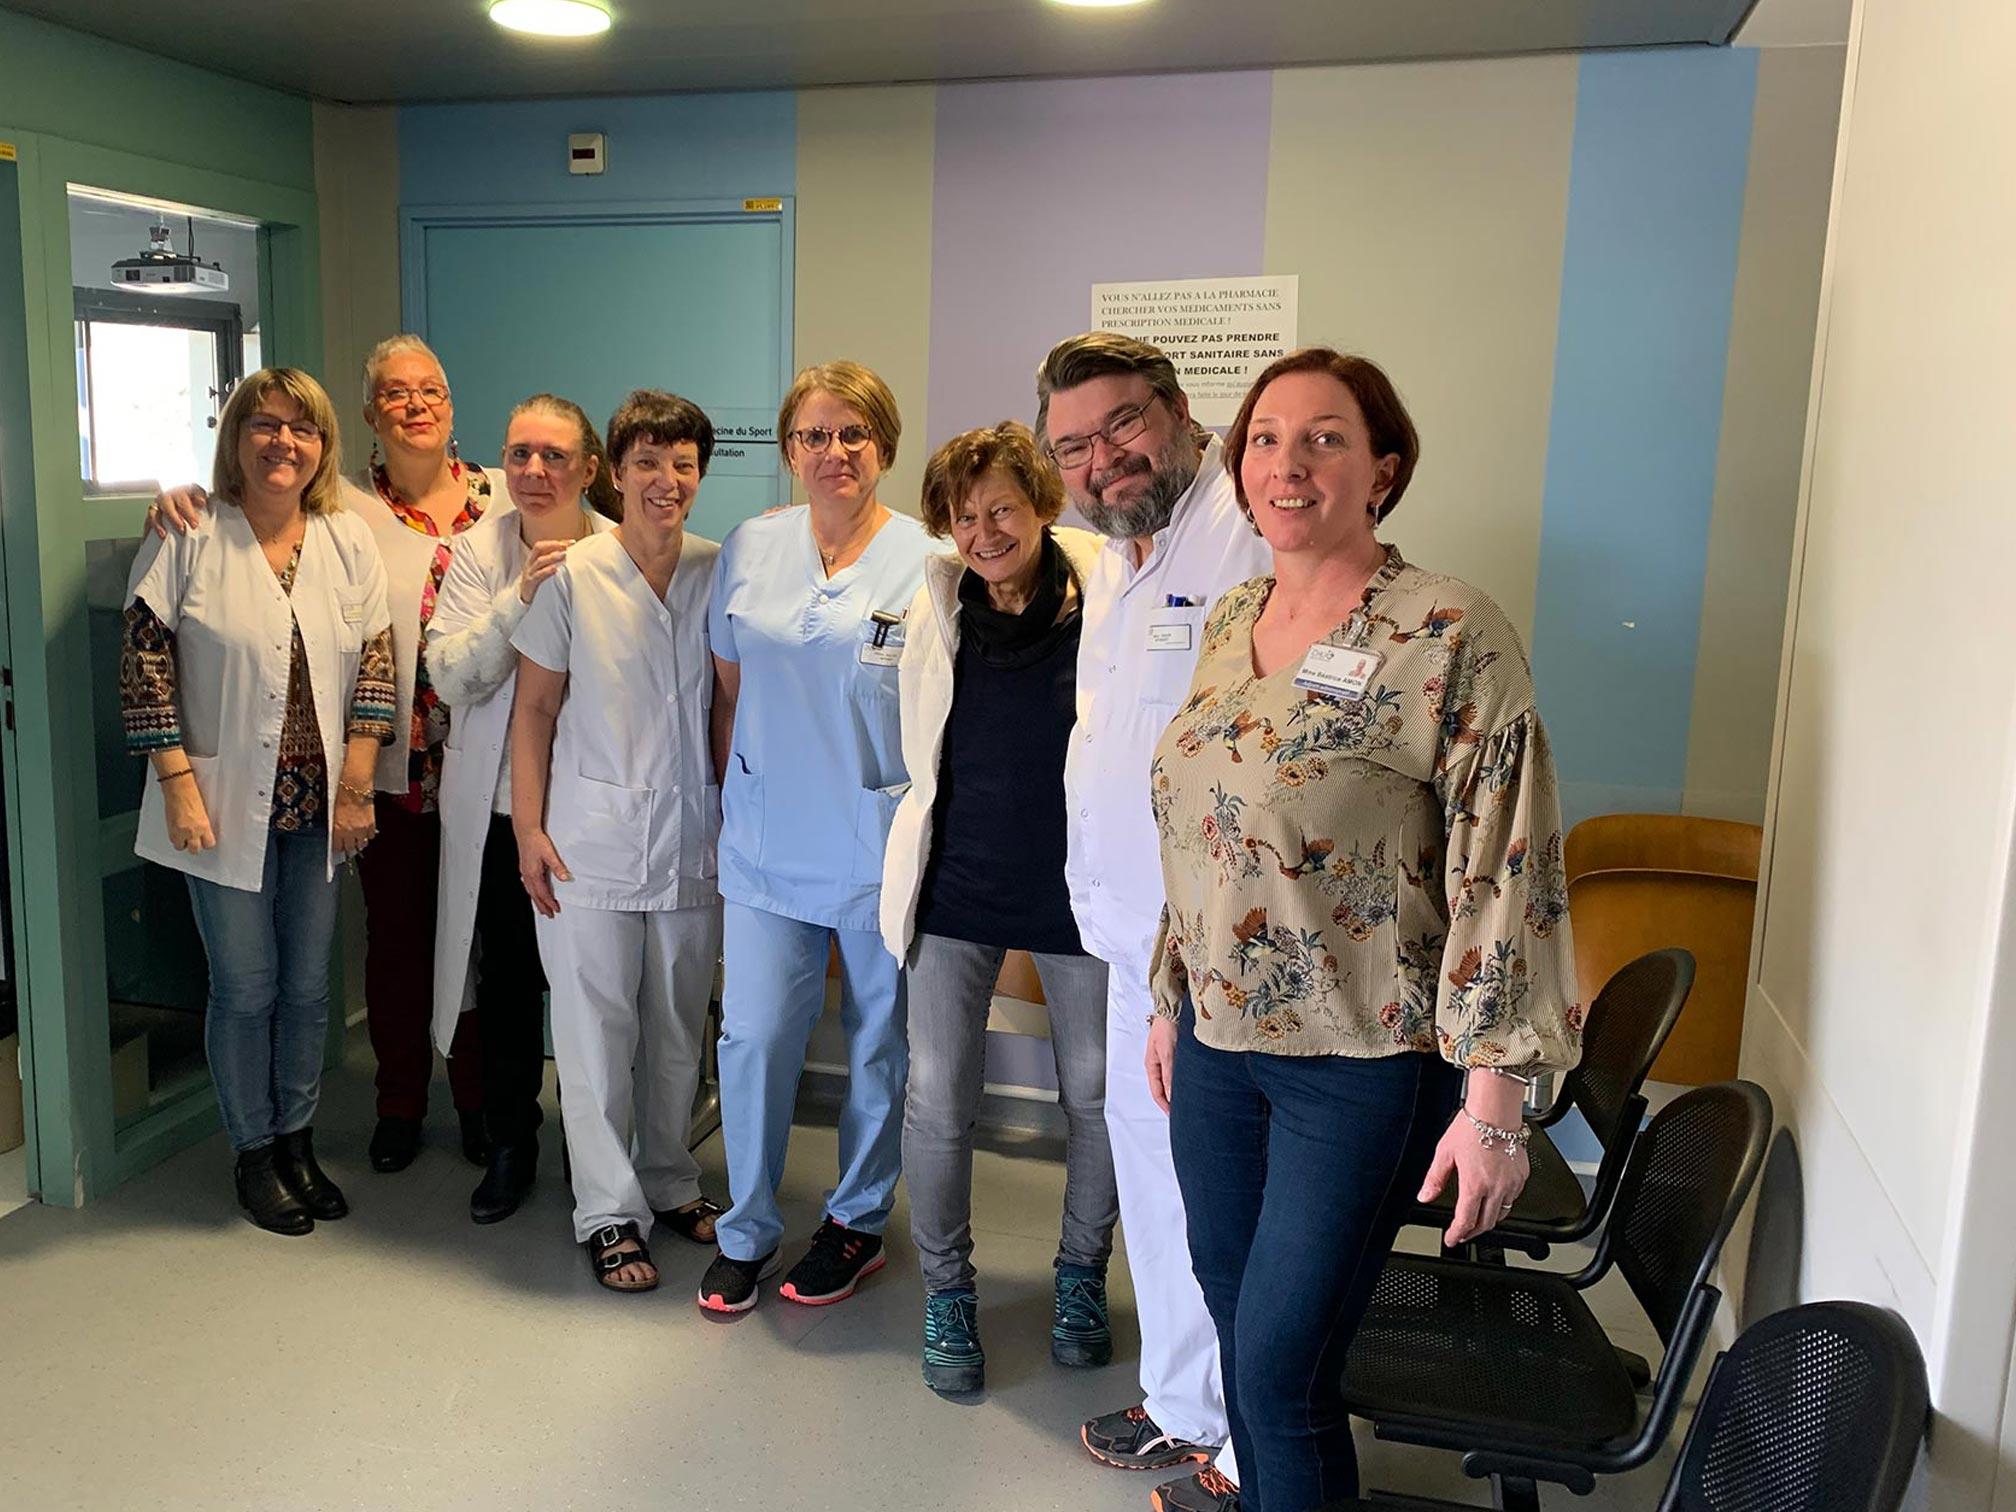 équipe de la consultation orthopédie du CHU de Saint-Etienne